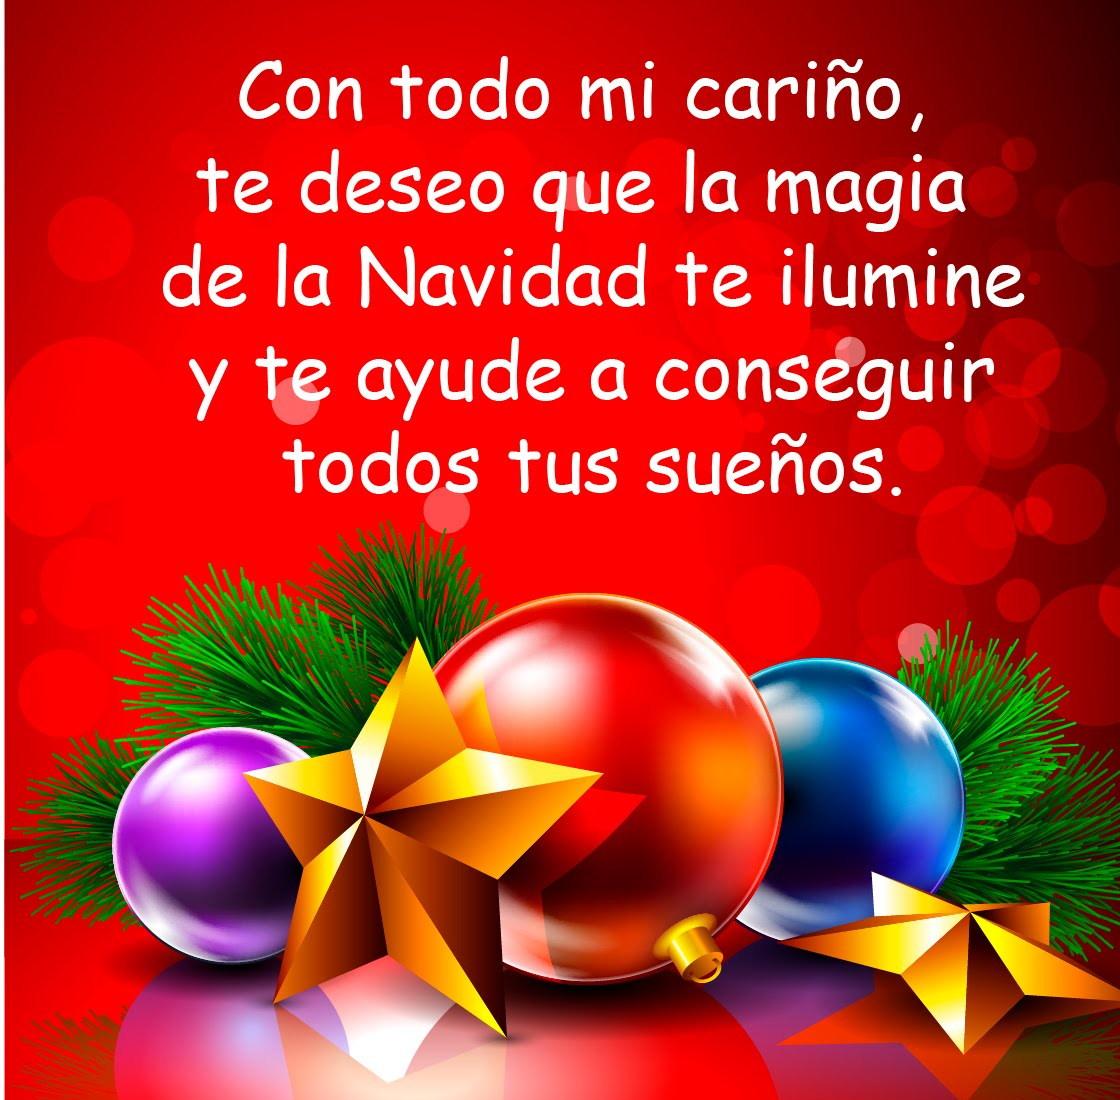 Imagenes de navidad con frases lindas para facebook - Frases de navidad 2017 ...